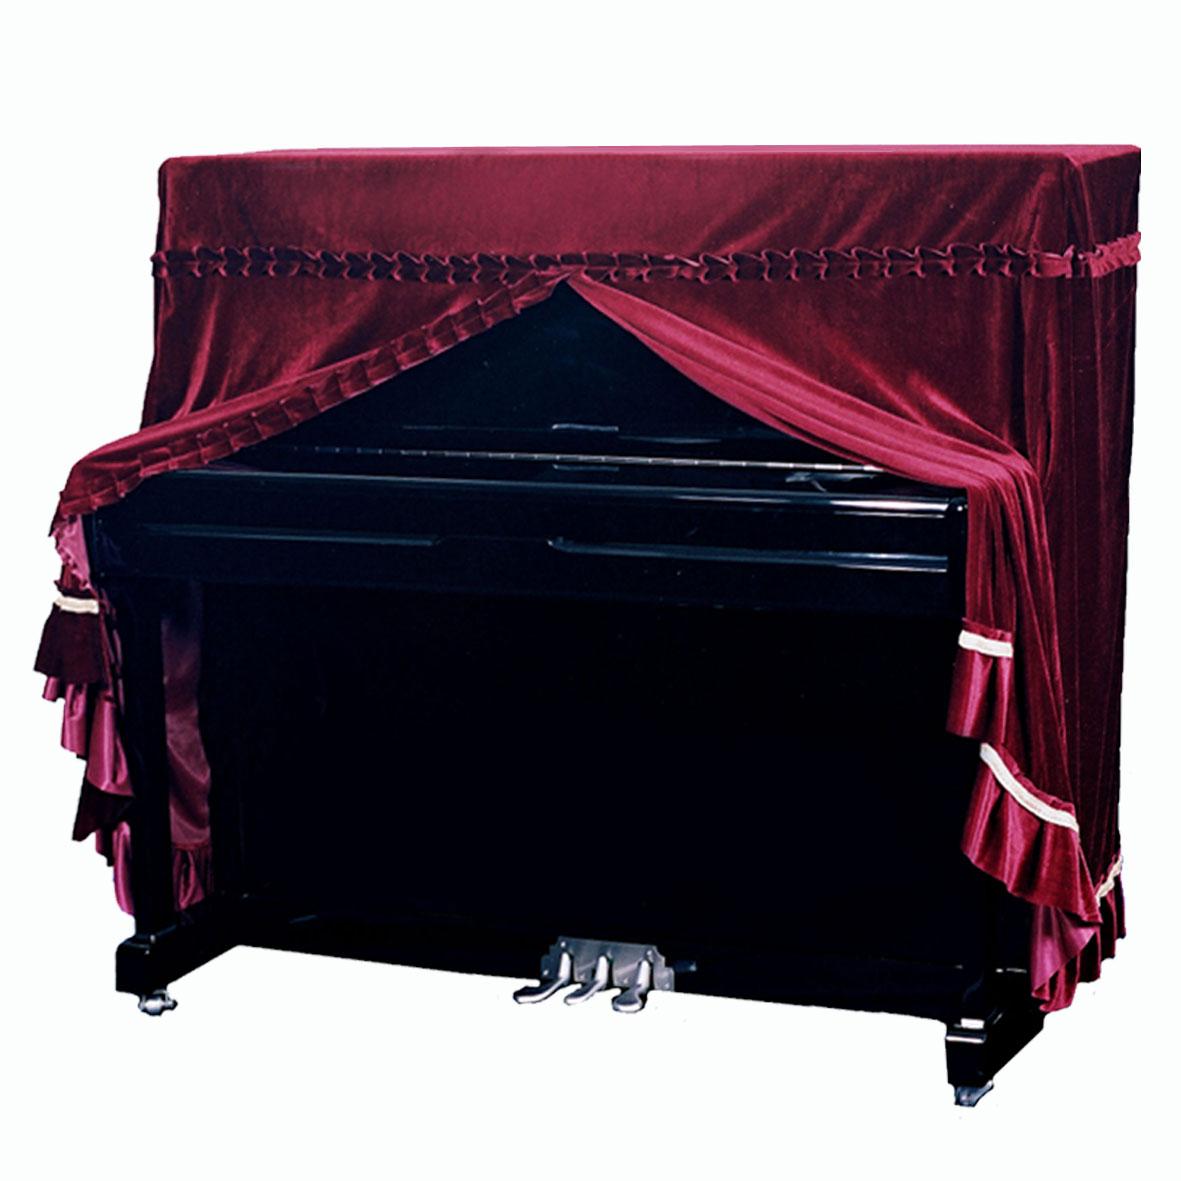 意大利加厚丝绒钢琴罩全罩布艺高档琴套防尘凳罩欧式简约现代包邮